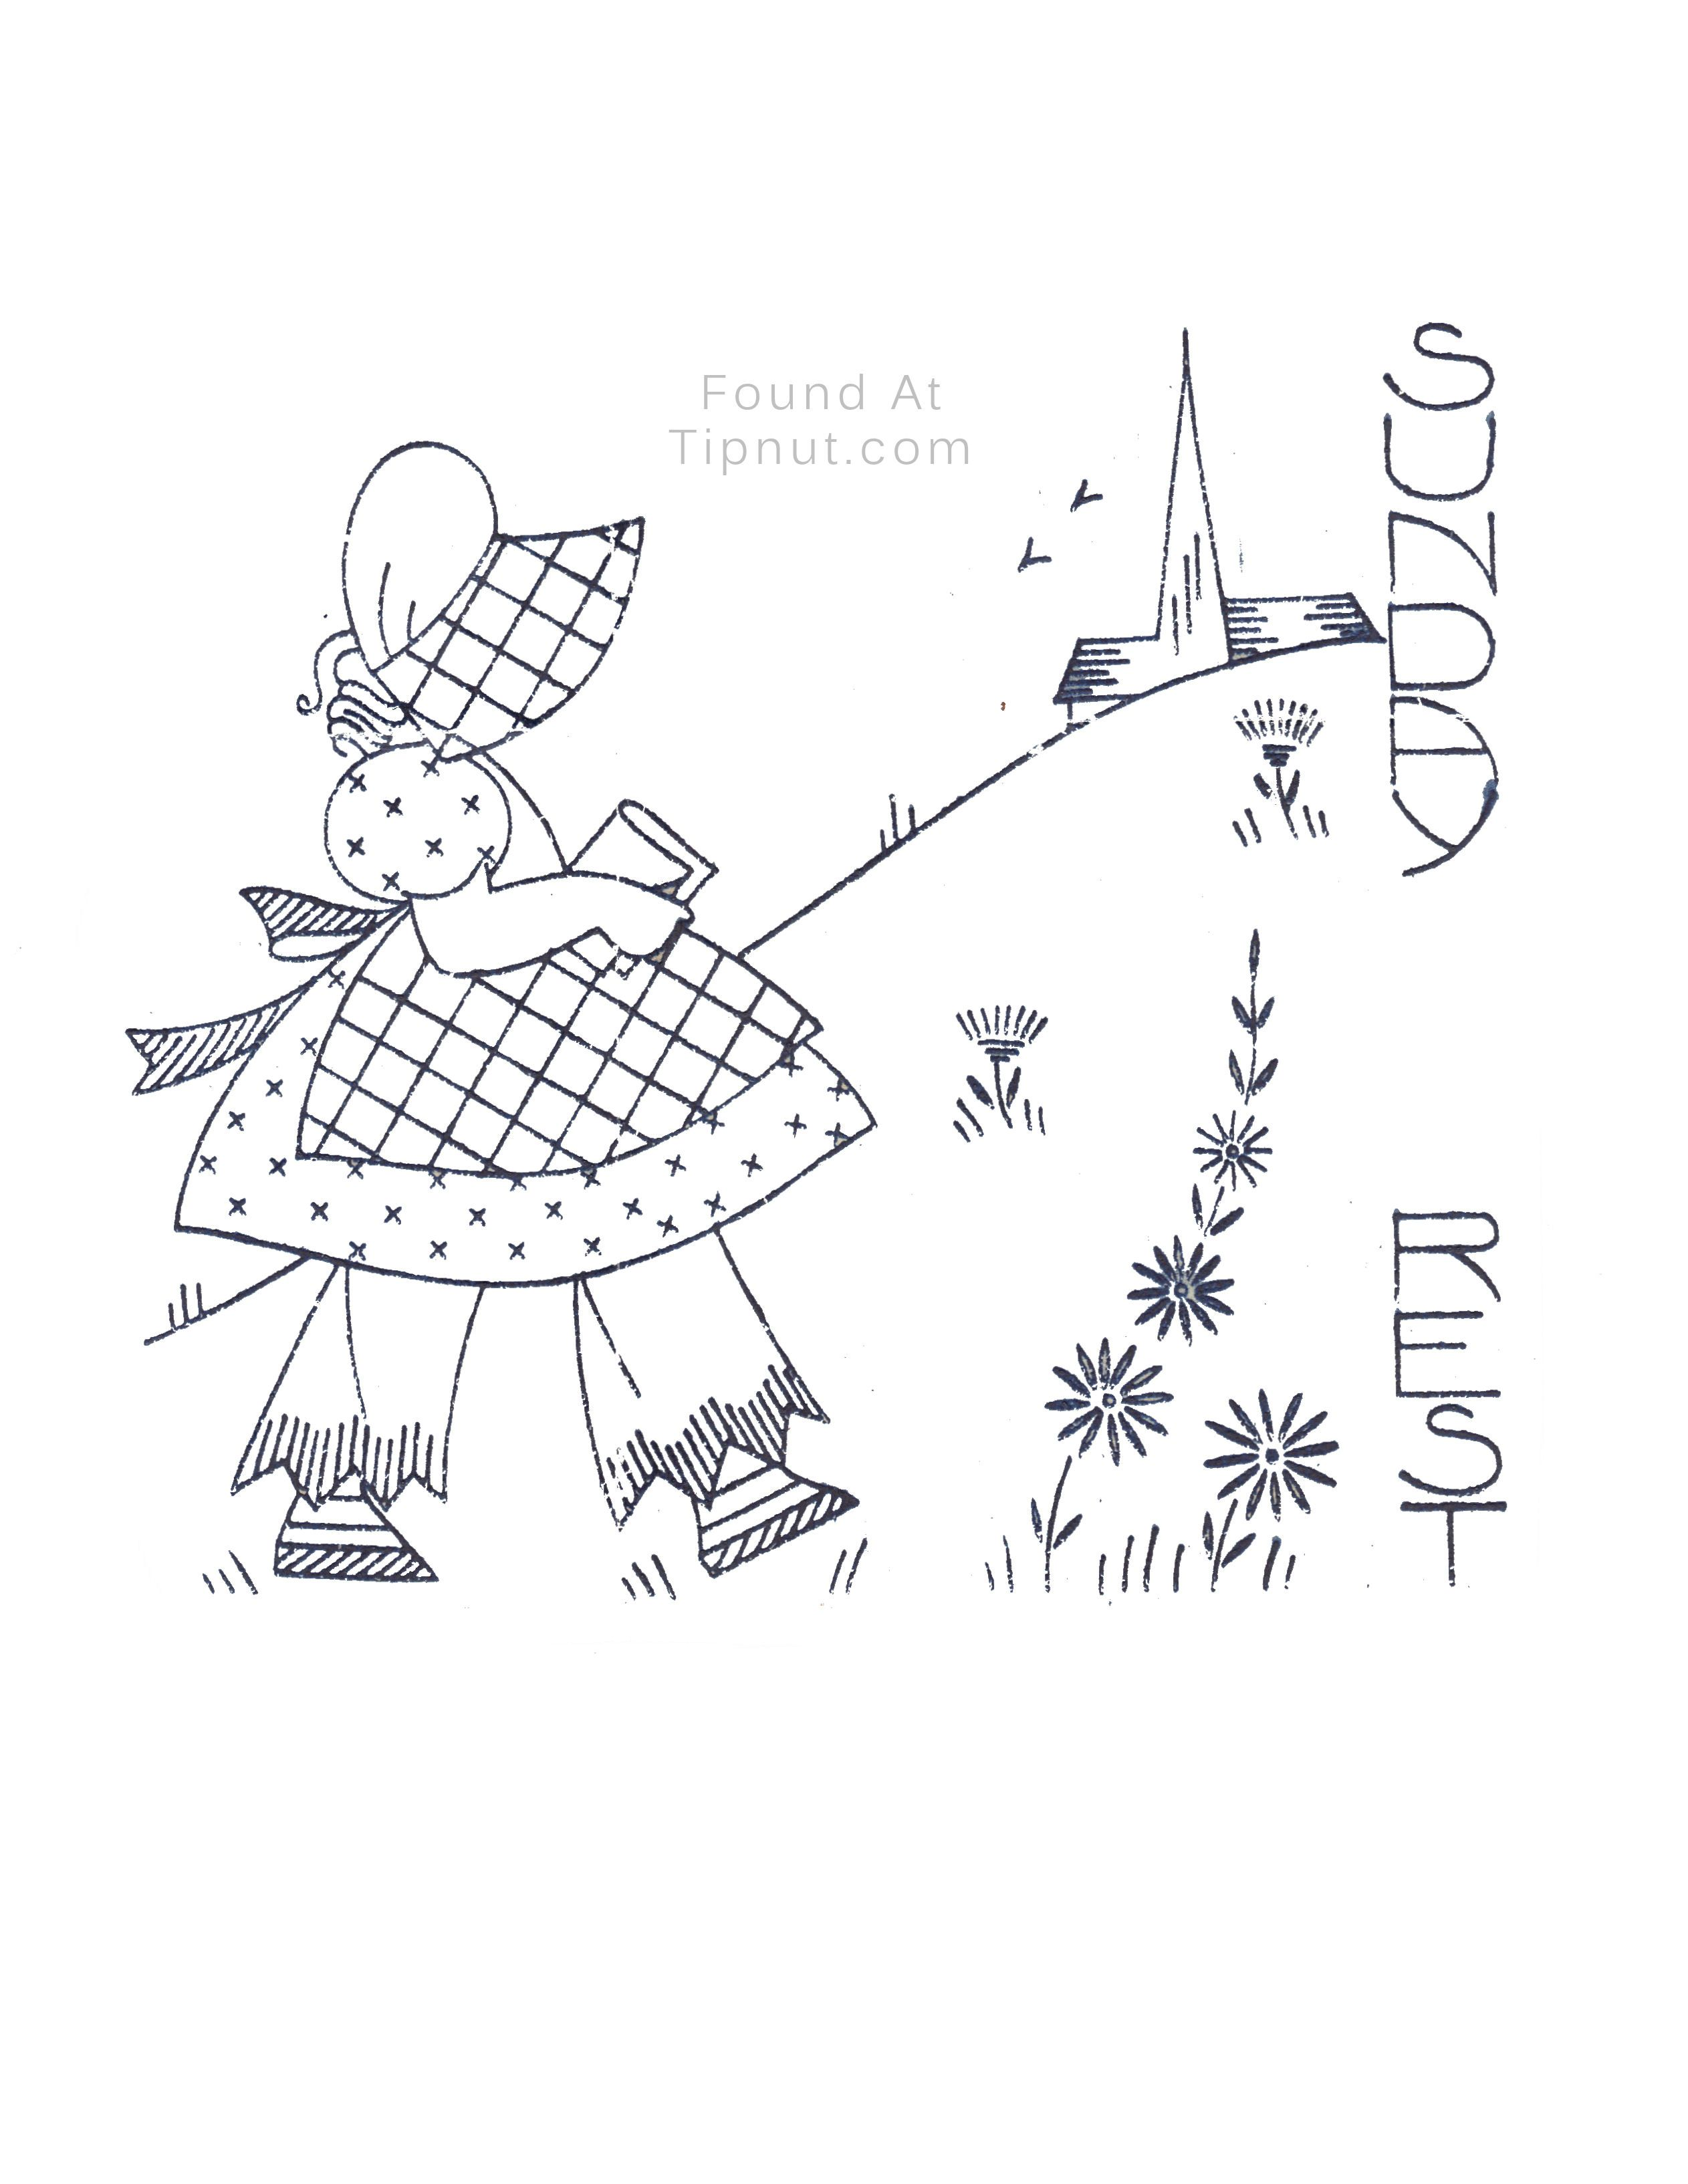 Pin de Demetra Stacey en embroidery | Pinterest | Bordado, Dibujos ...